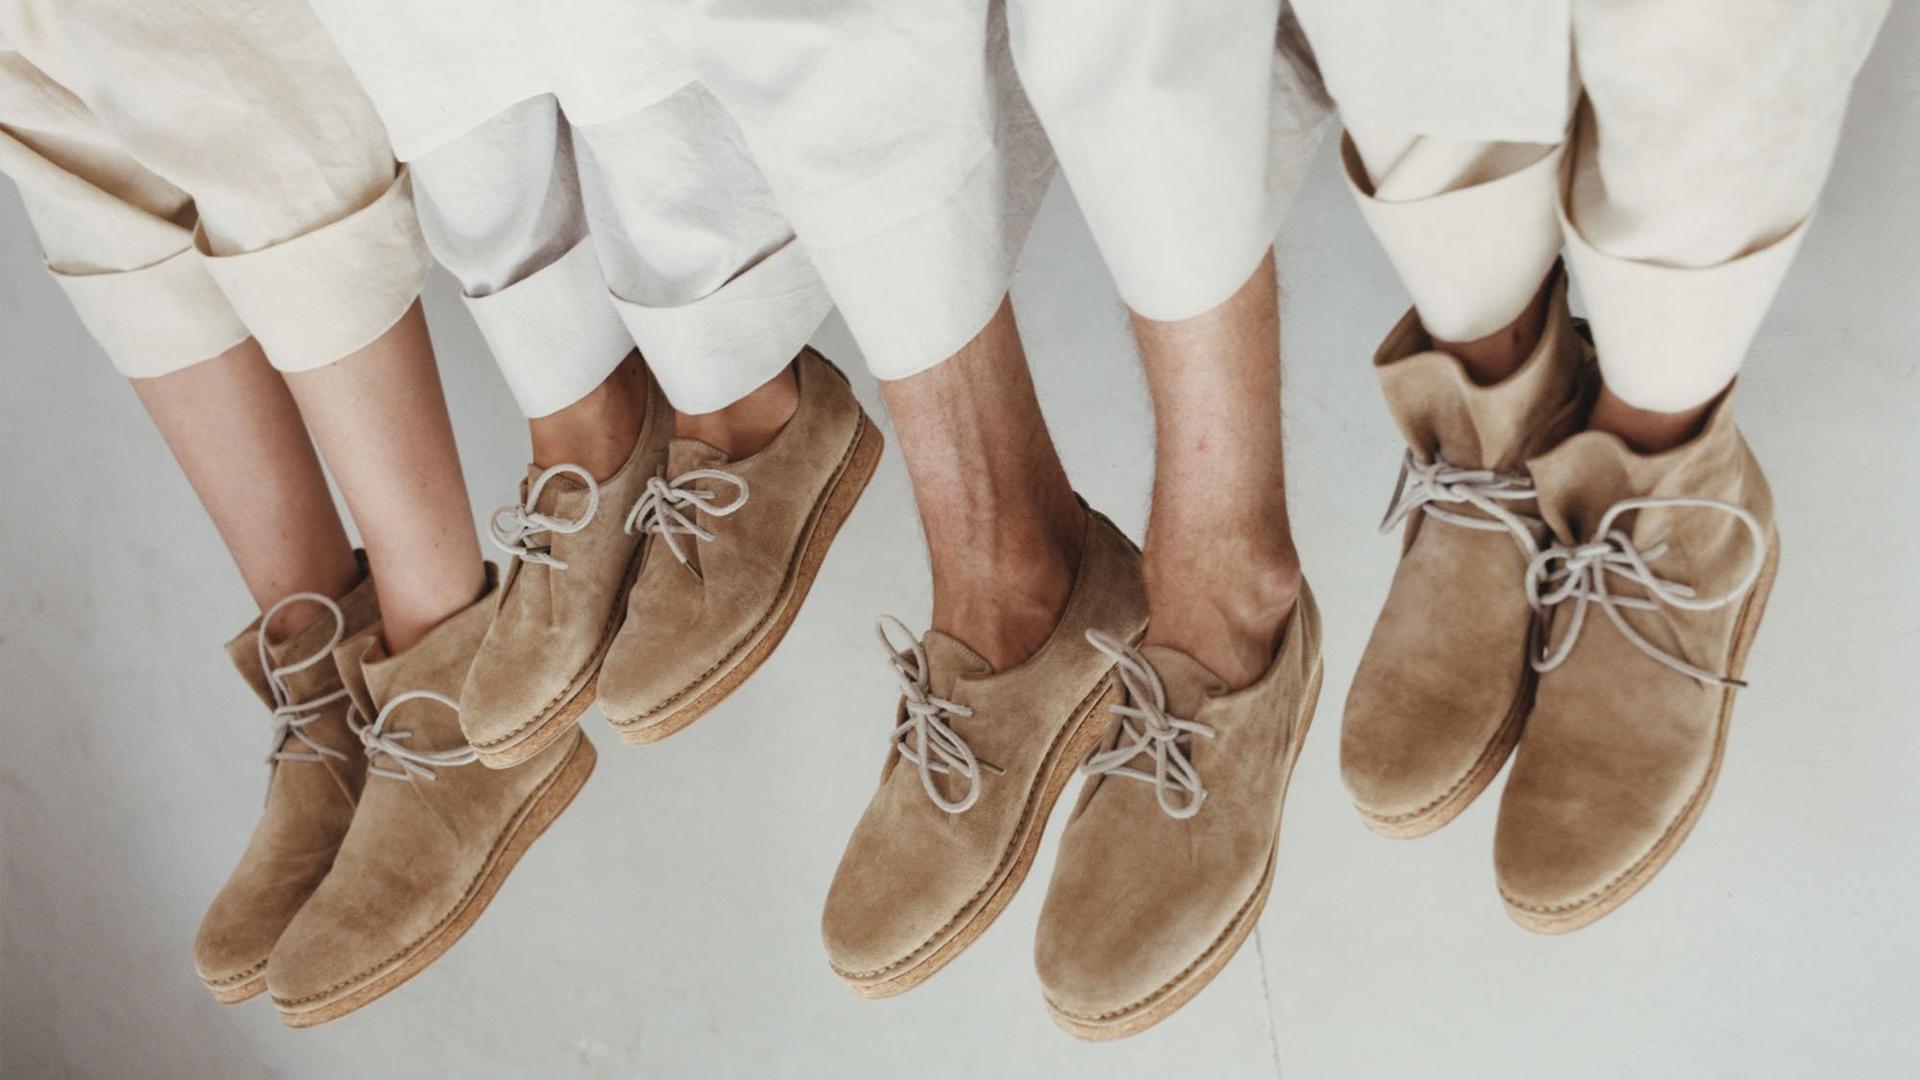 Narrow SoleMates High Heeler Stiletto Heel Stoppers /& Protectors